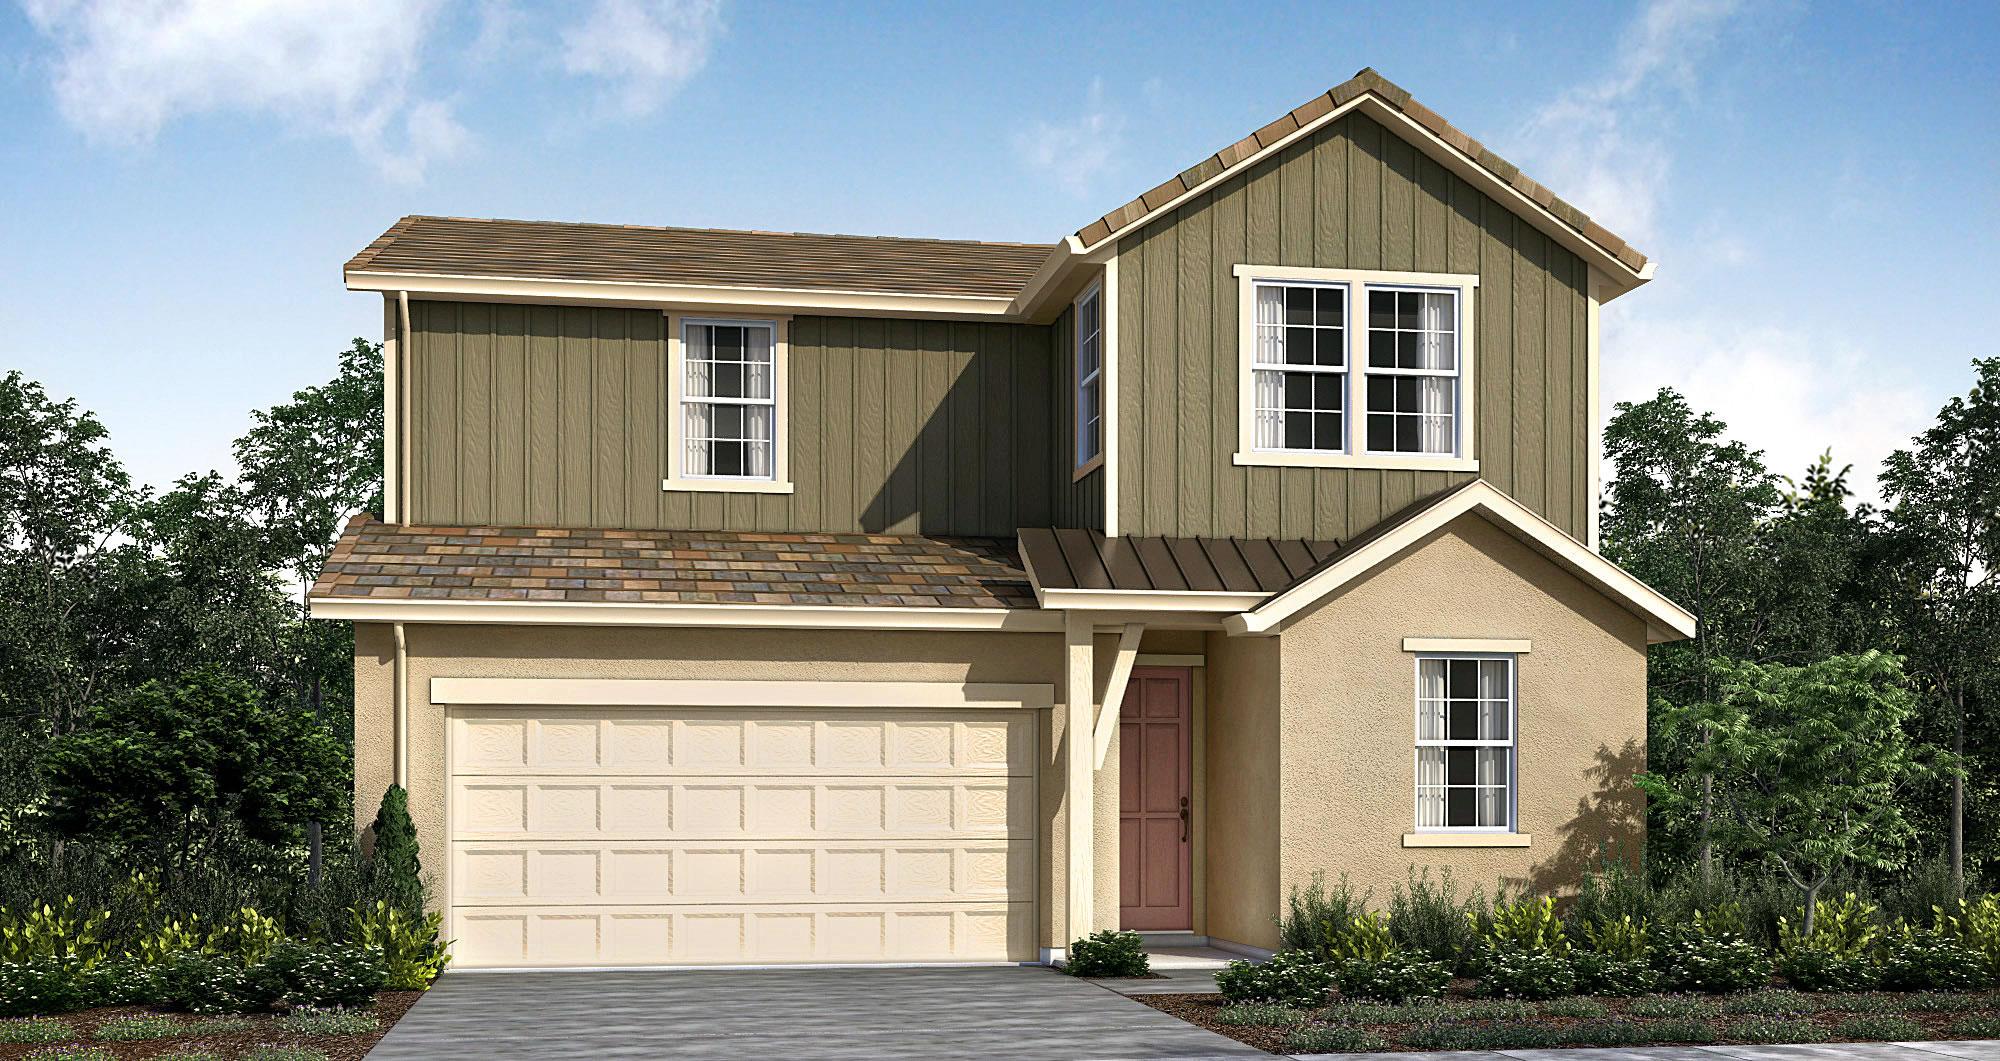 Plan 3 Model 4 bedroom 3 bath new home in Elk Grove CA